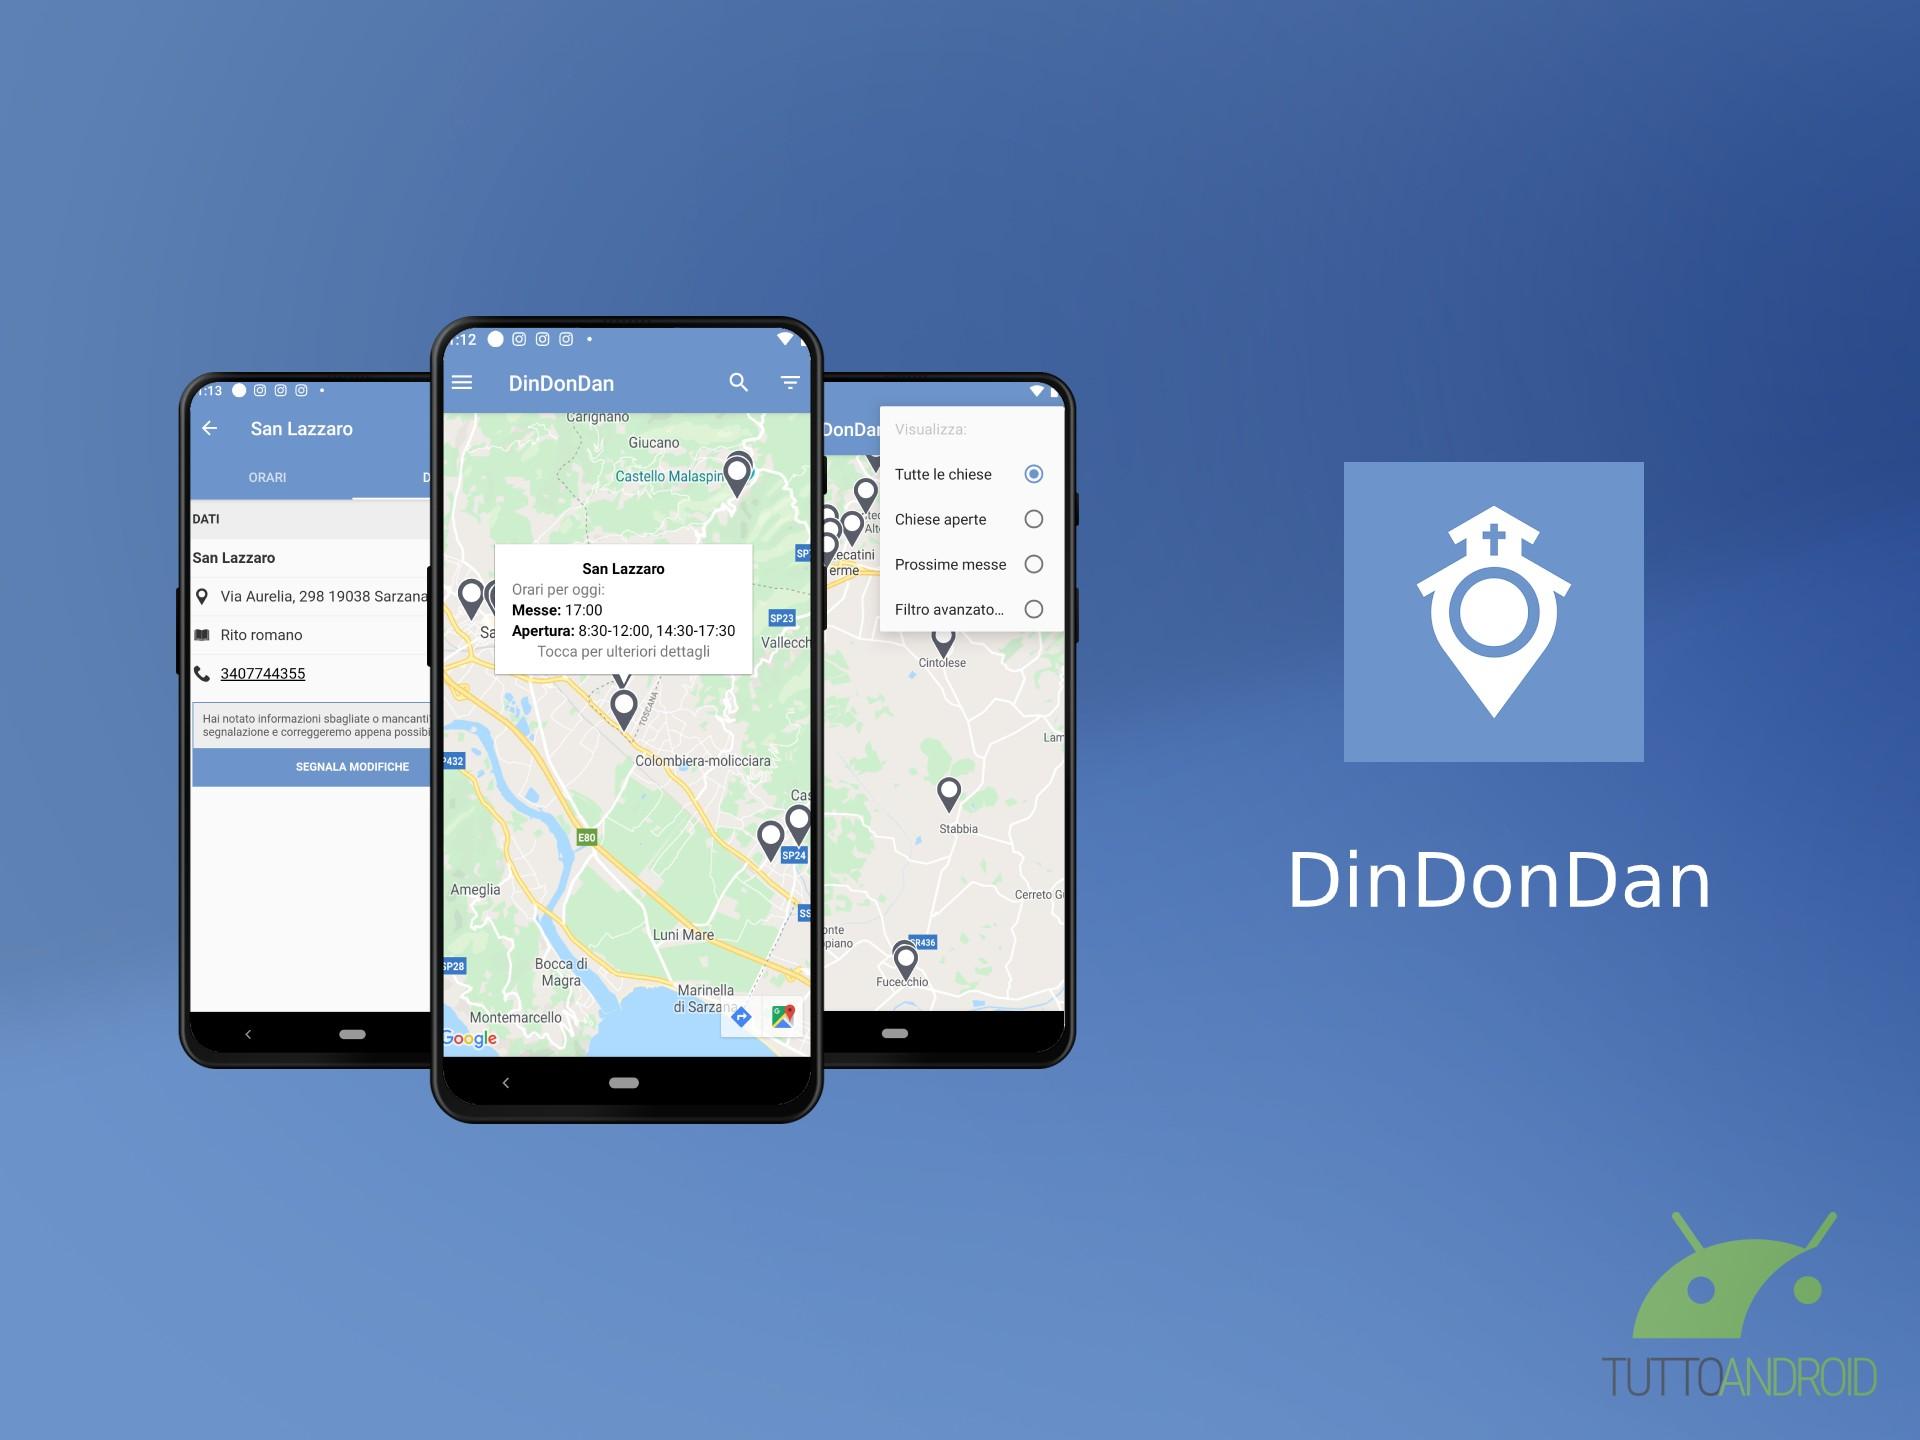 L'app DinDonDan mostra le chiese vicine a voi e gli orari de